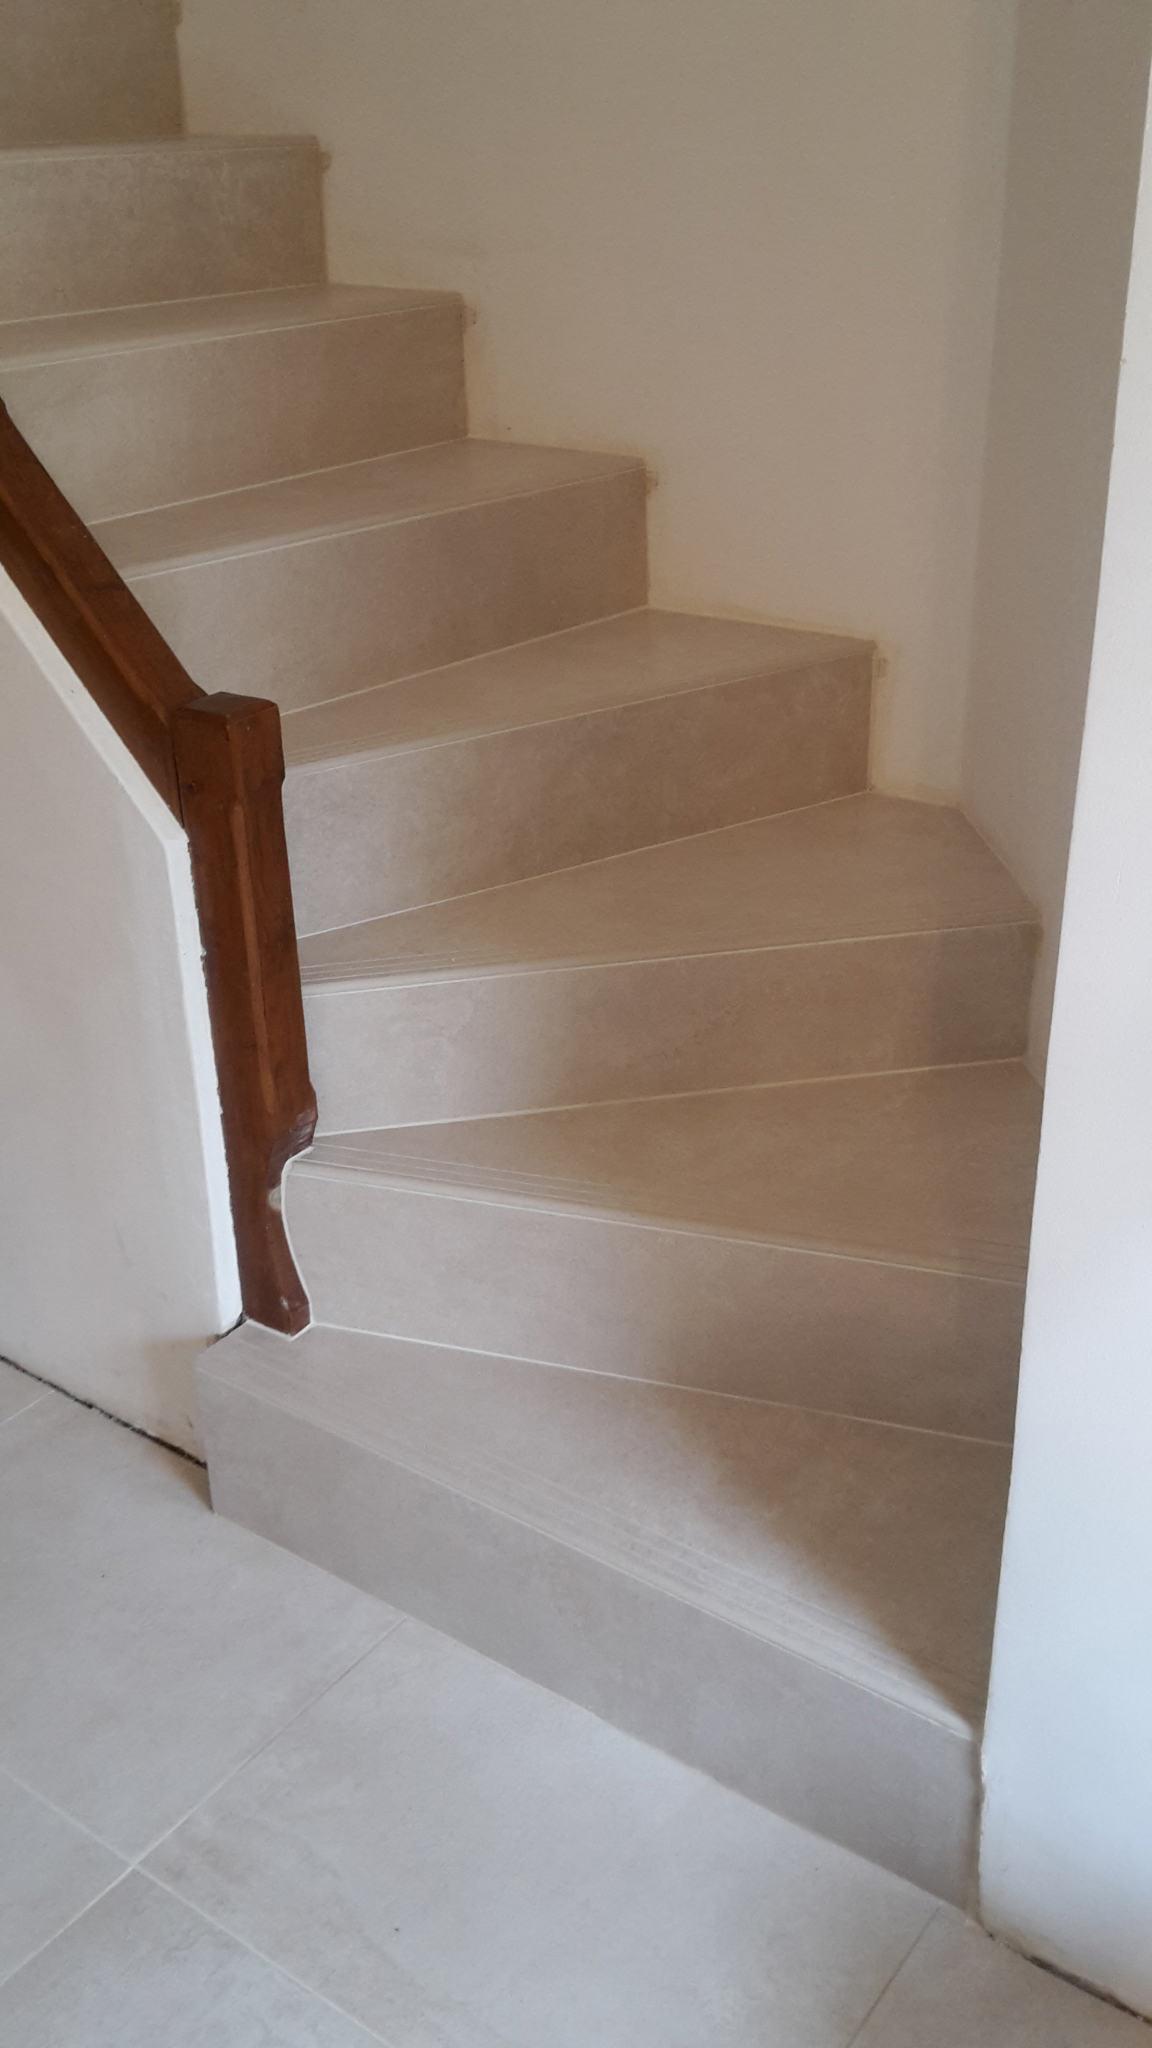 Habillage marches escalier avec les nez des marches façonner 1